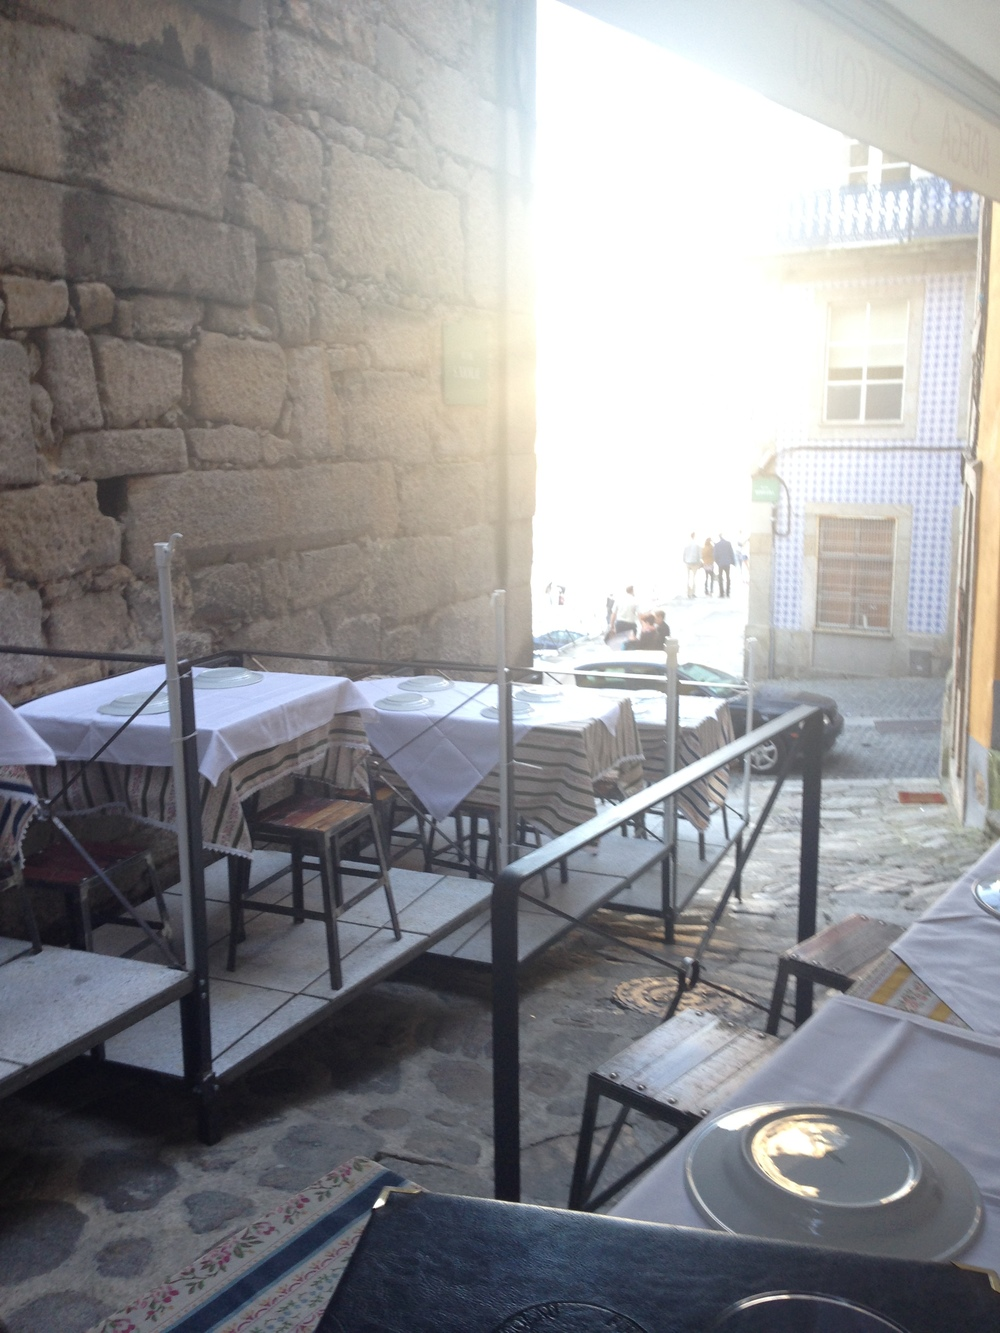 Outdoor seating at Adega